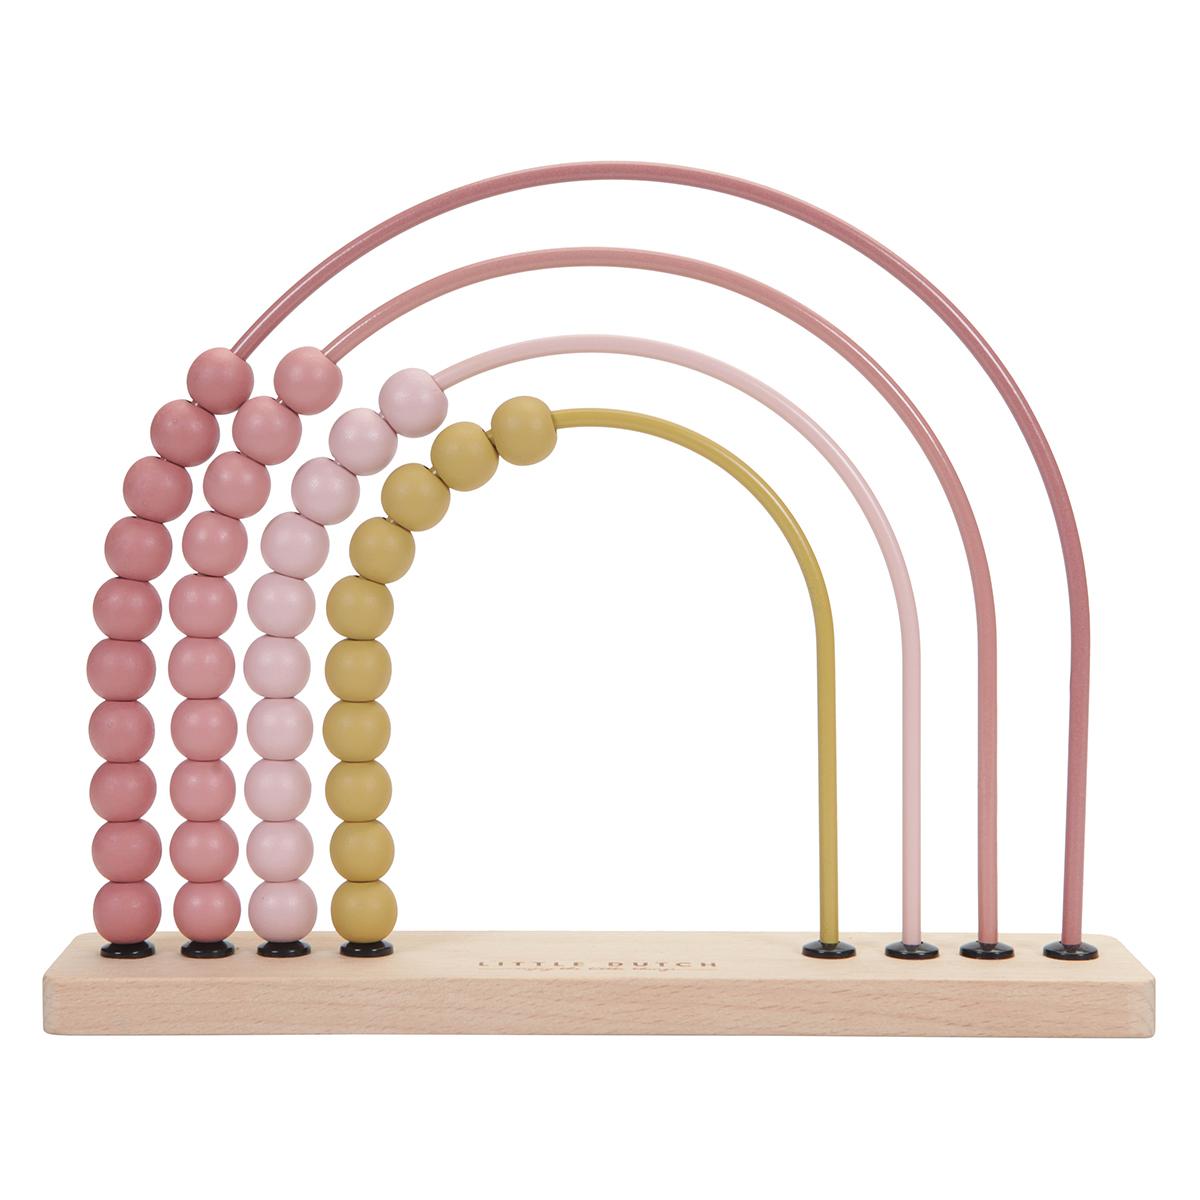 Mes premiers jouets Boulier Arc-en-ciel - Pink Boulier Arc-en-ciel - Pink